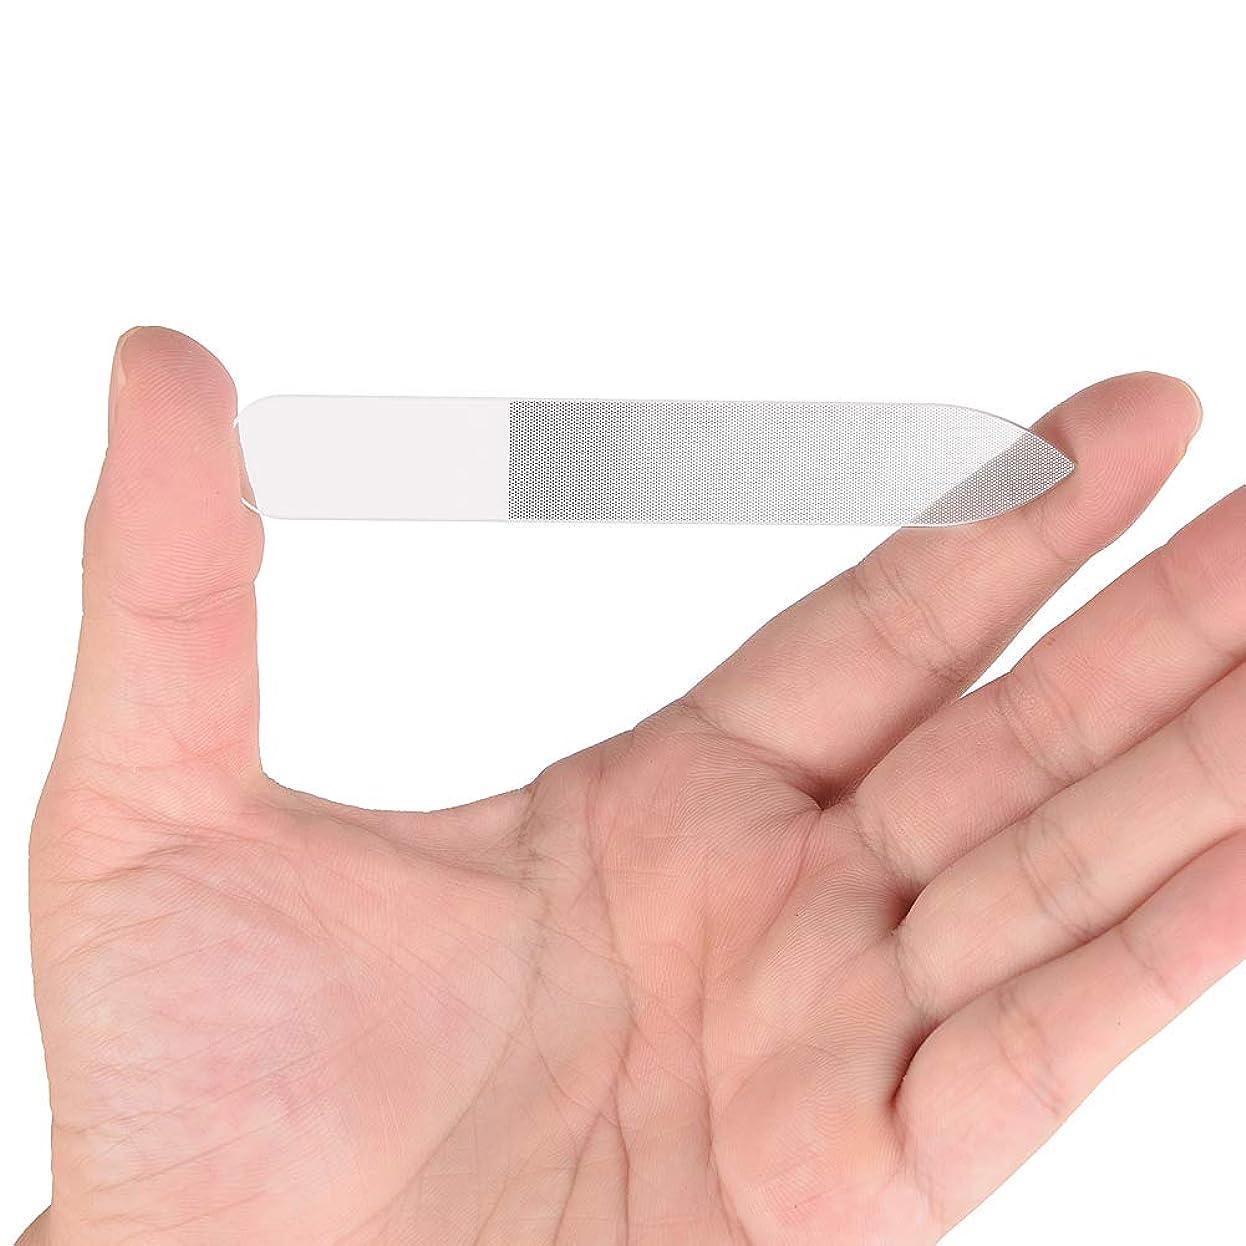 批判的に知覚できる味方Gollust ガラス製爪やすり 持ち運びやすい 持久耐用 (1個入)